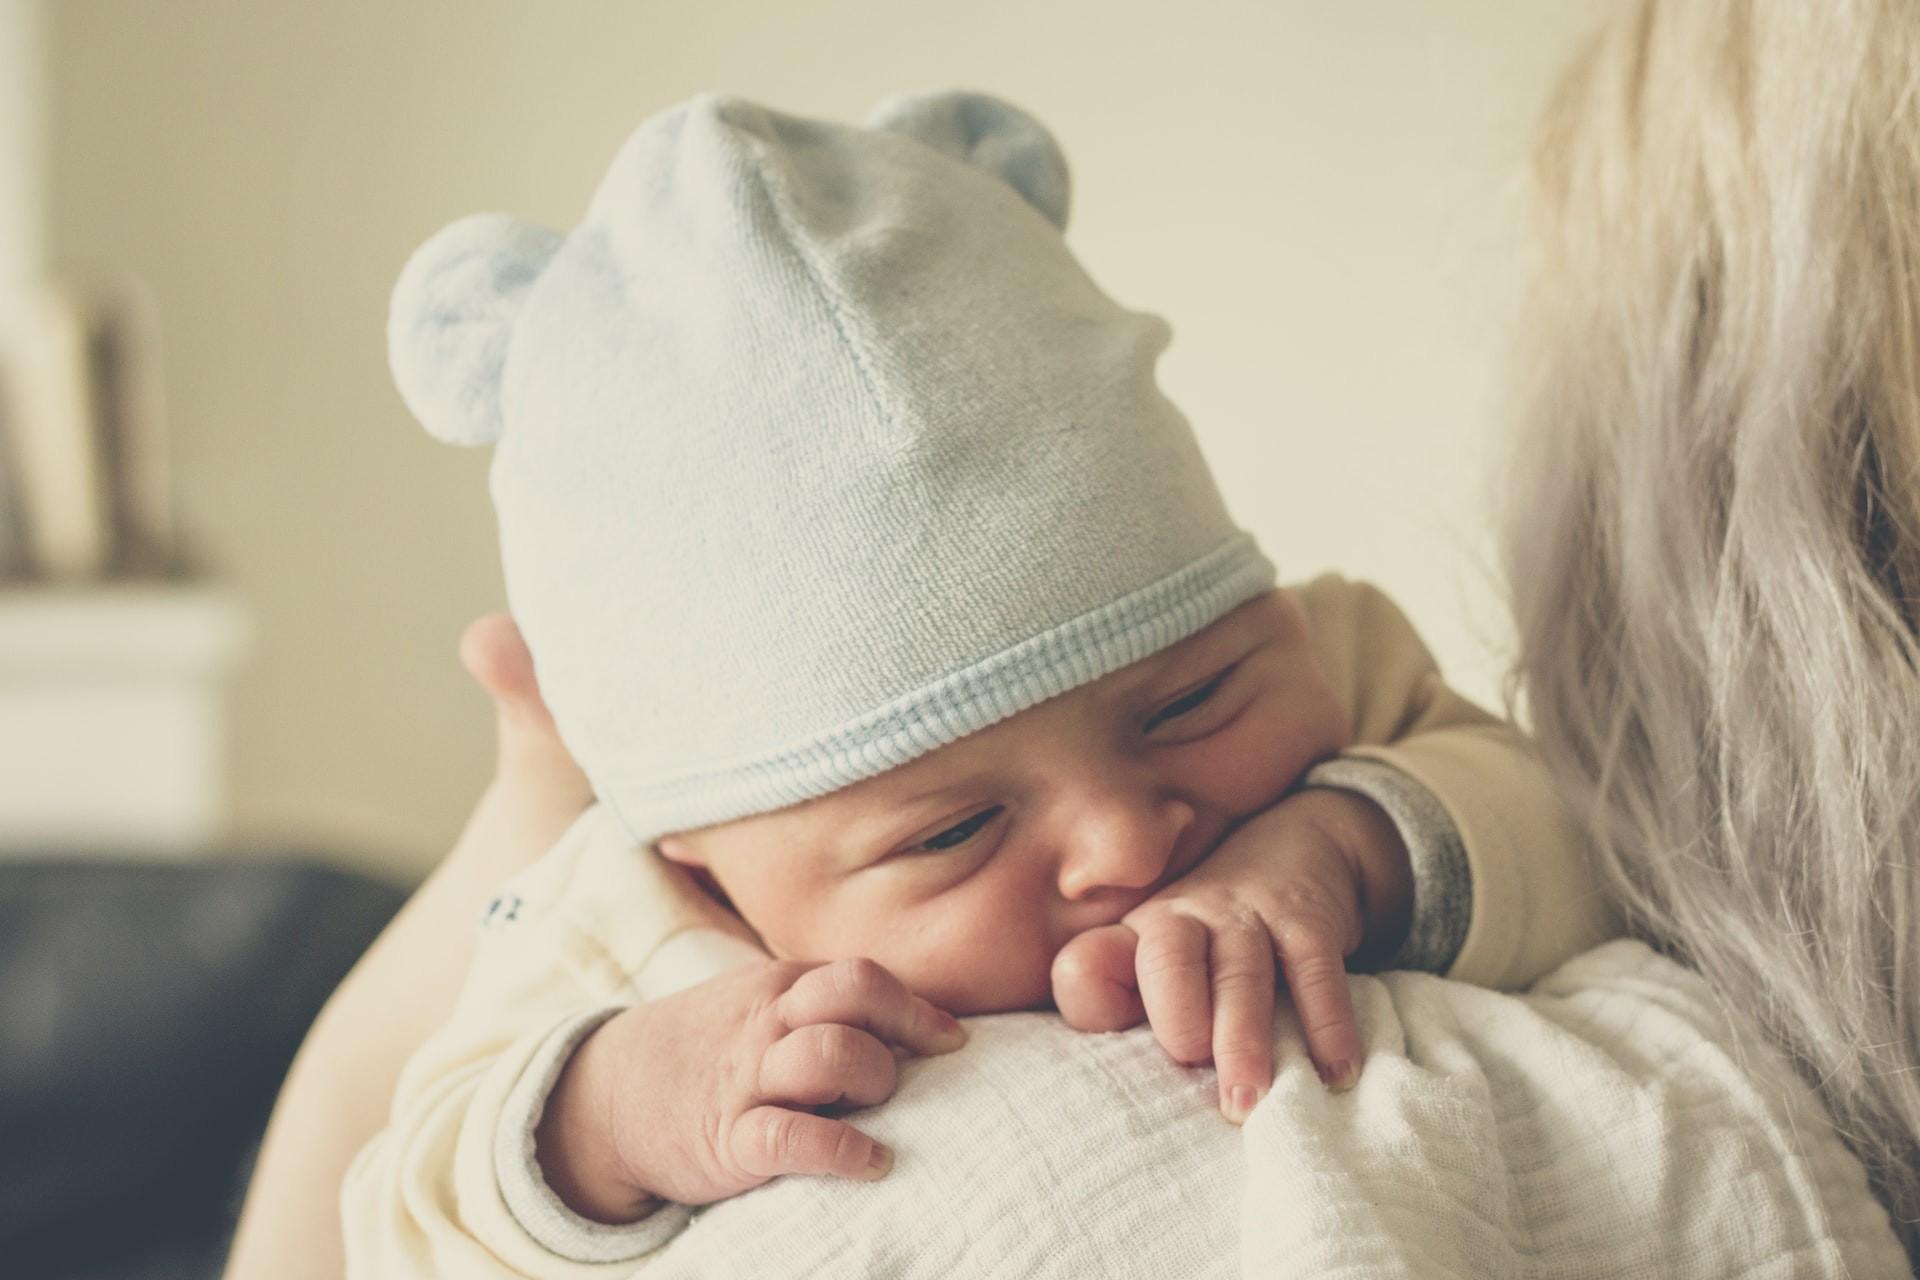 Mães que tomaram vacina da Pfizer repassaram anticorpos contra Covid-19 aos filhos pelo leite materno (Foto: Echo Grid/Unsplash)